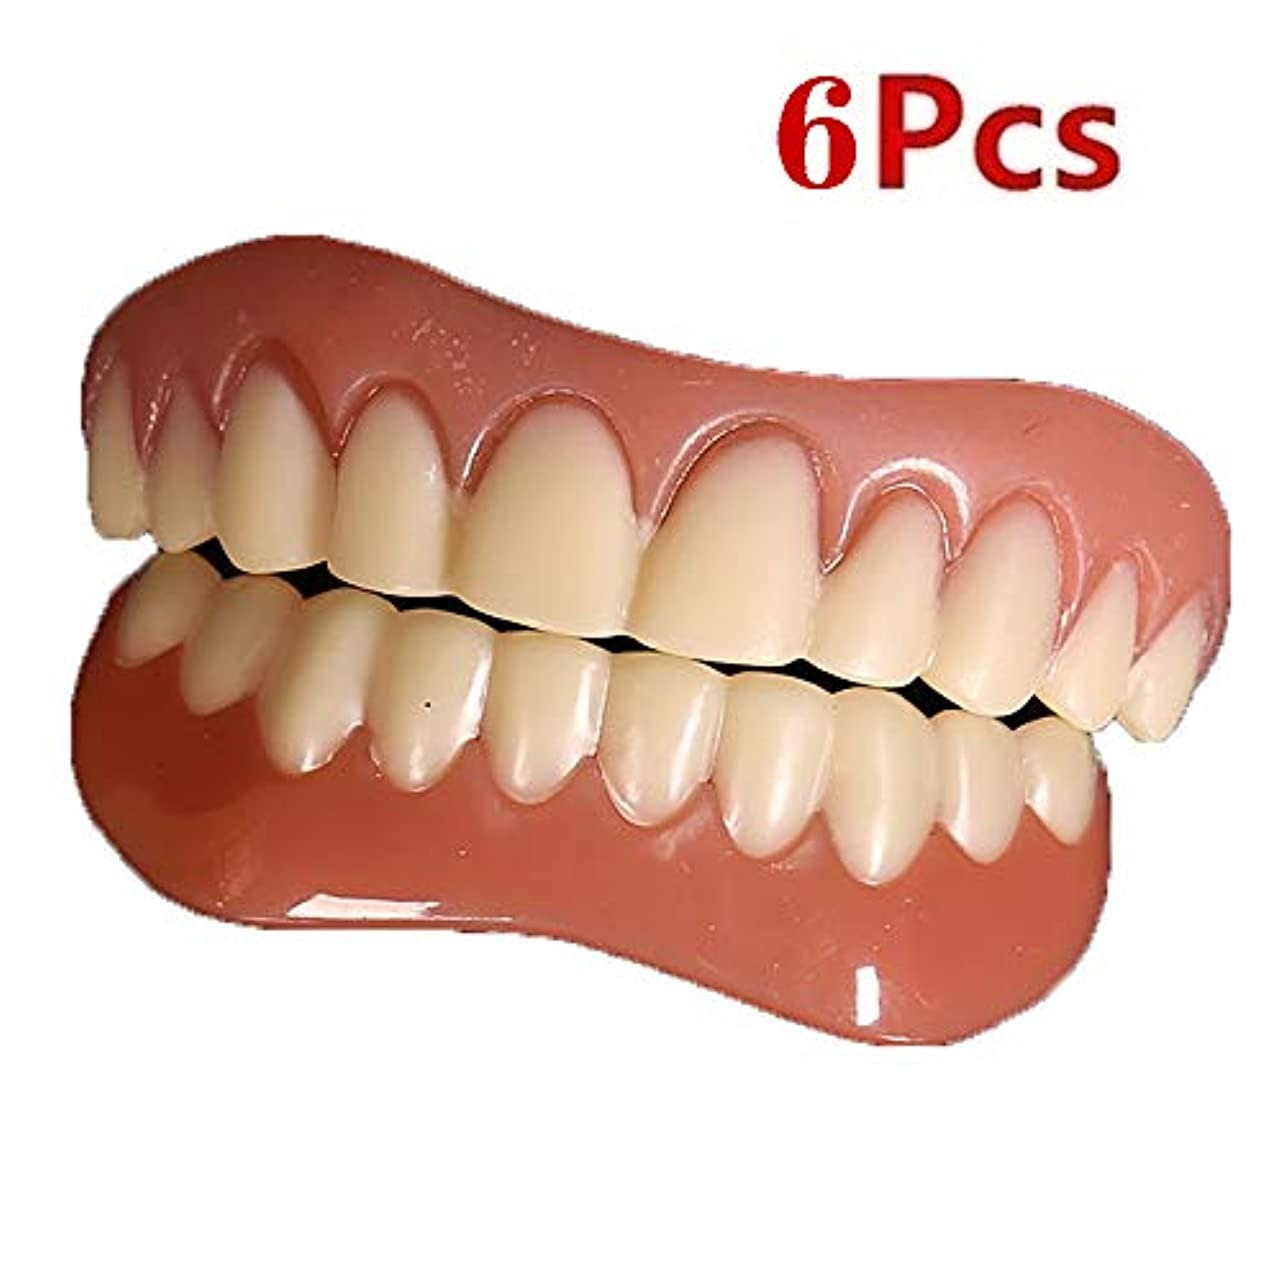 即時の微笑の歯の上部のより低いベニヤの慰めの適合の歯のベニヤ、歯科ベニヤの慰めの適合の歯の上の化粧品のベニヤワンサイズはすべての義歯の接着剤の歯に入れます